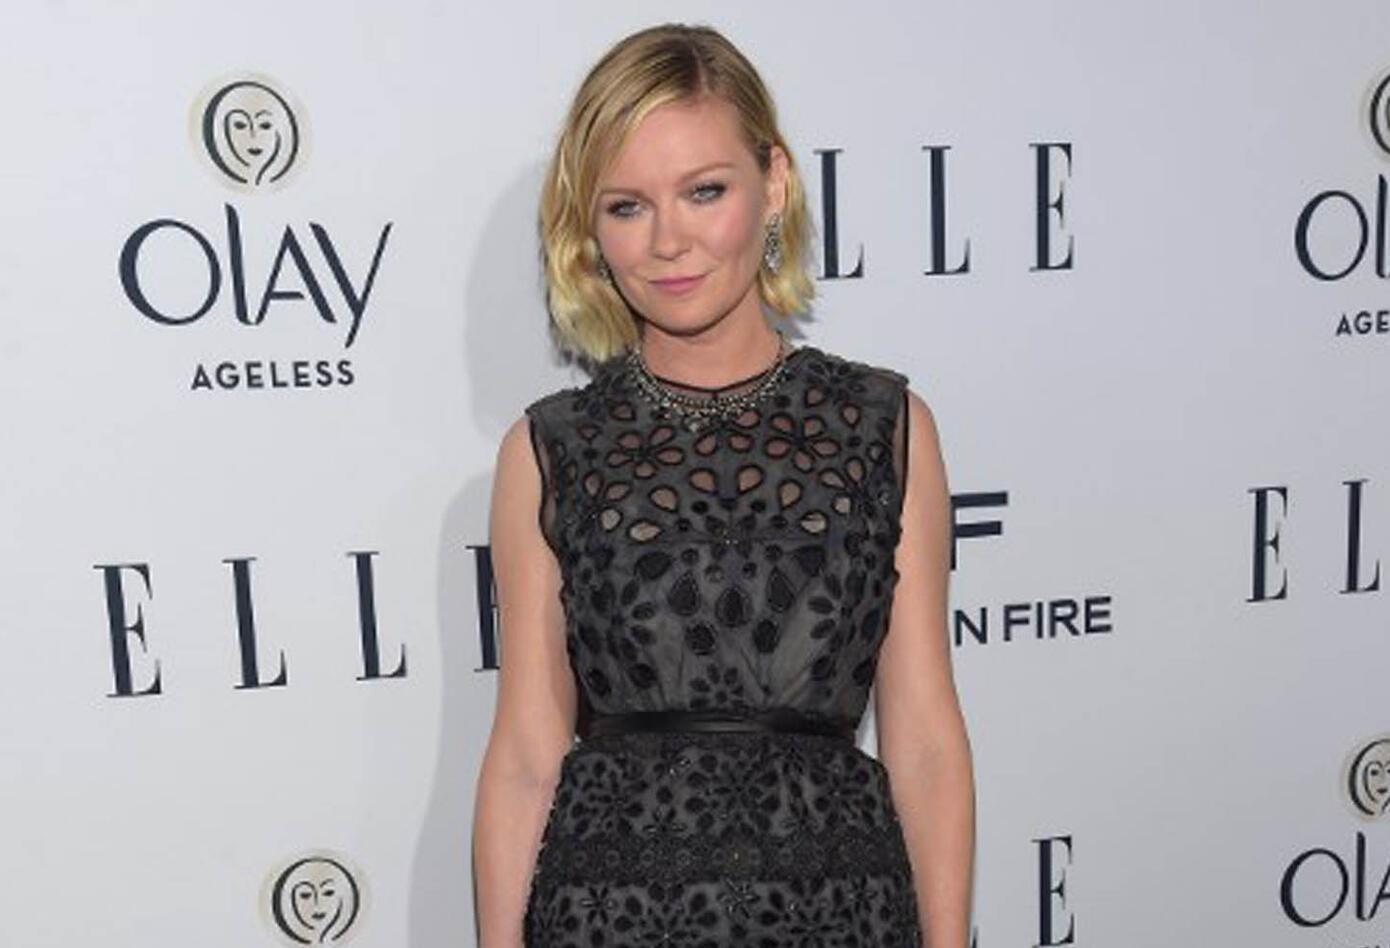 Kristen Dunst, quien actualmente tiene 36 años de edad, integró el elenco principal de la versión de 1995 de la historia.